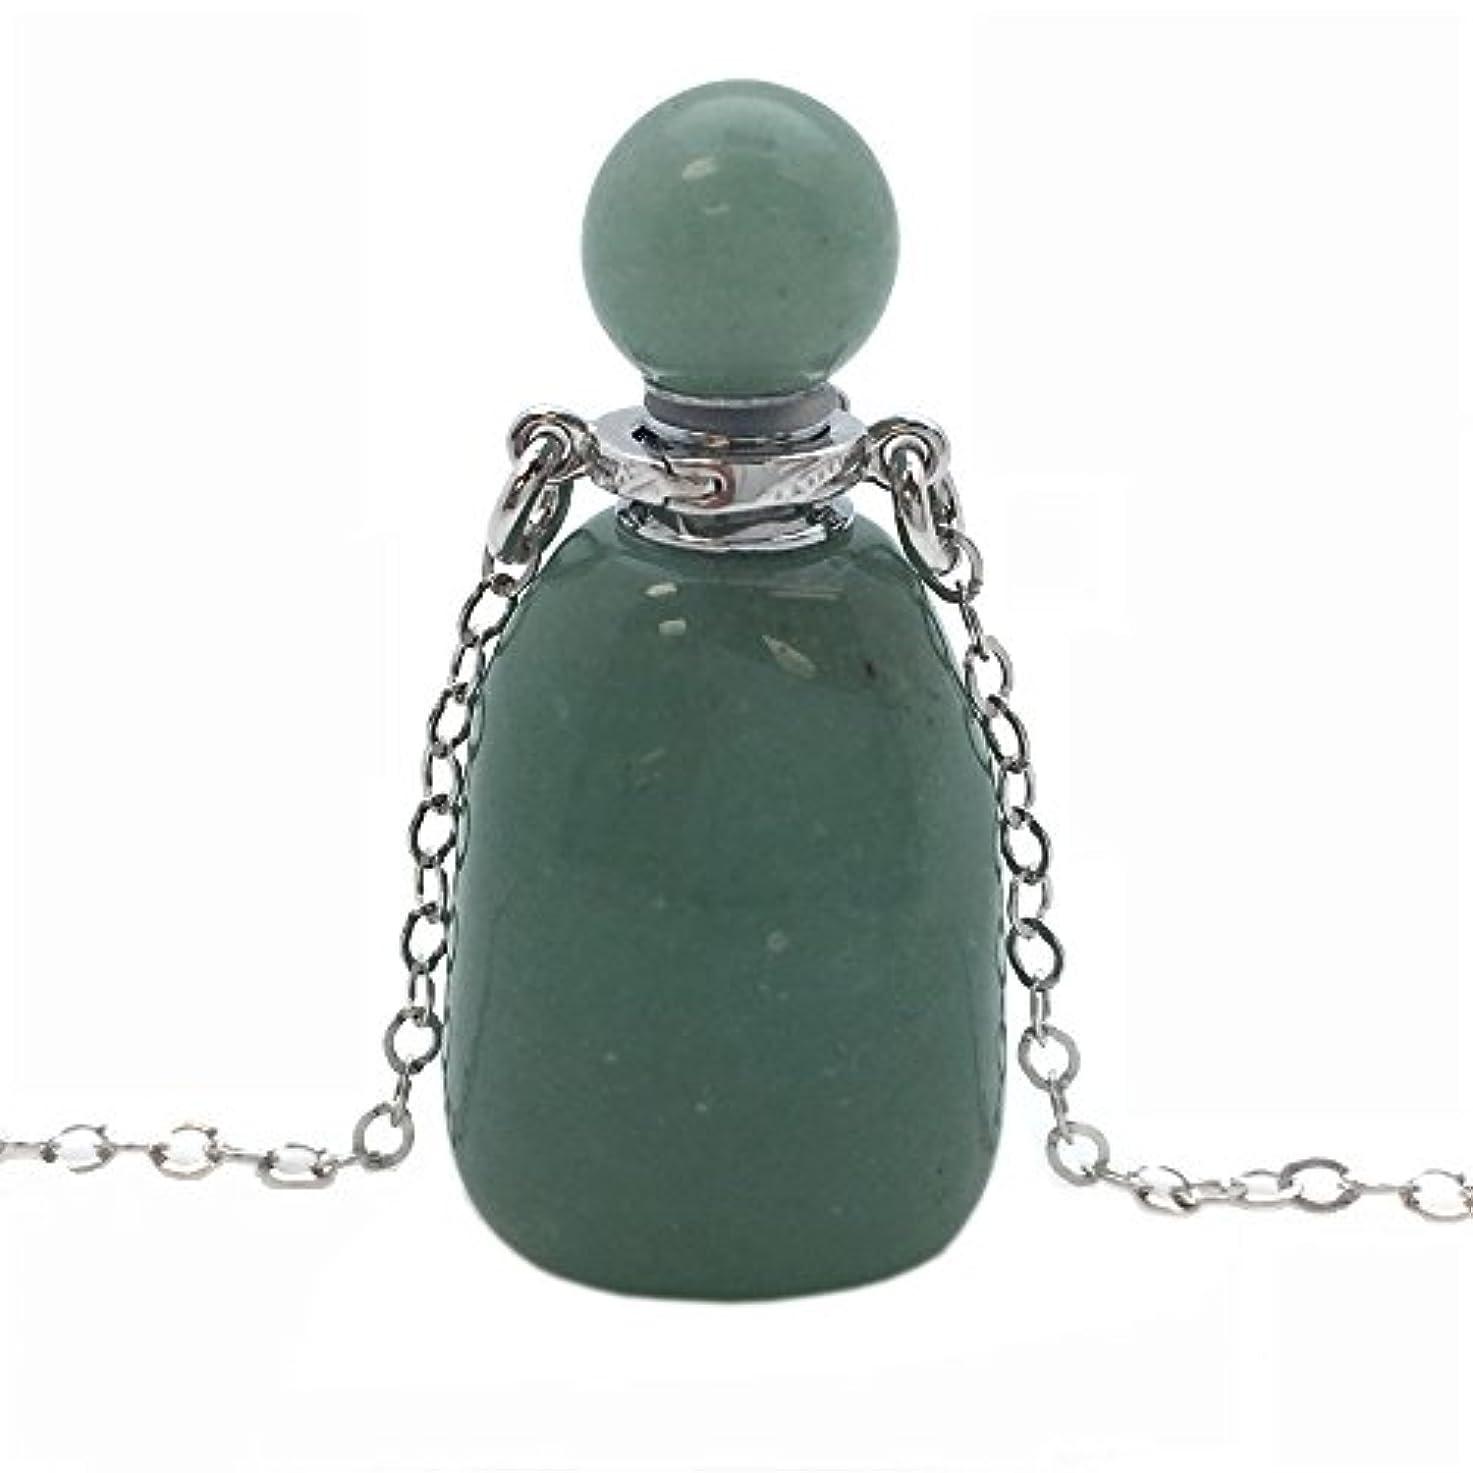 名前欺思慮のないケイトAvenueスターリングシルバー宝石用原石Aromatherapy Essential Oil Diffuserネックレス、香水とMosquito Repellentネックレス